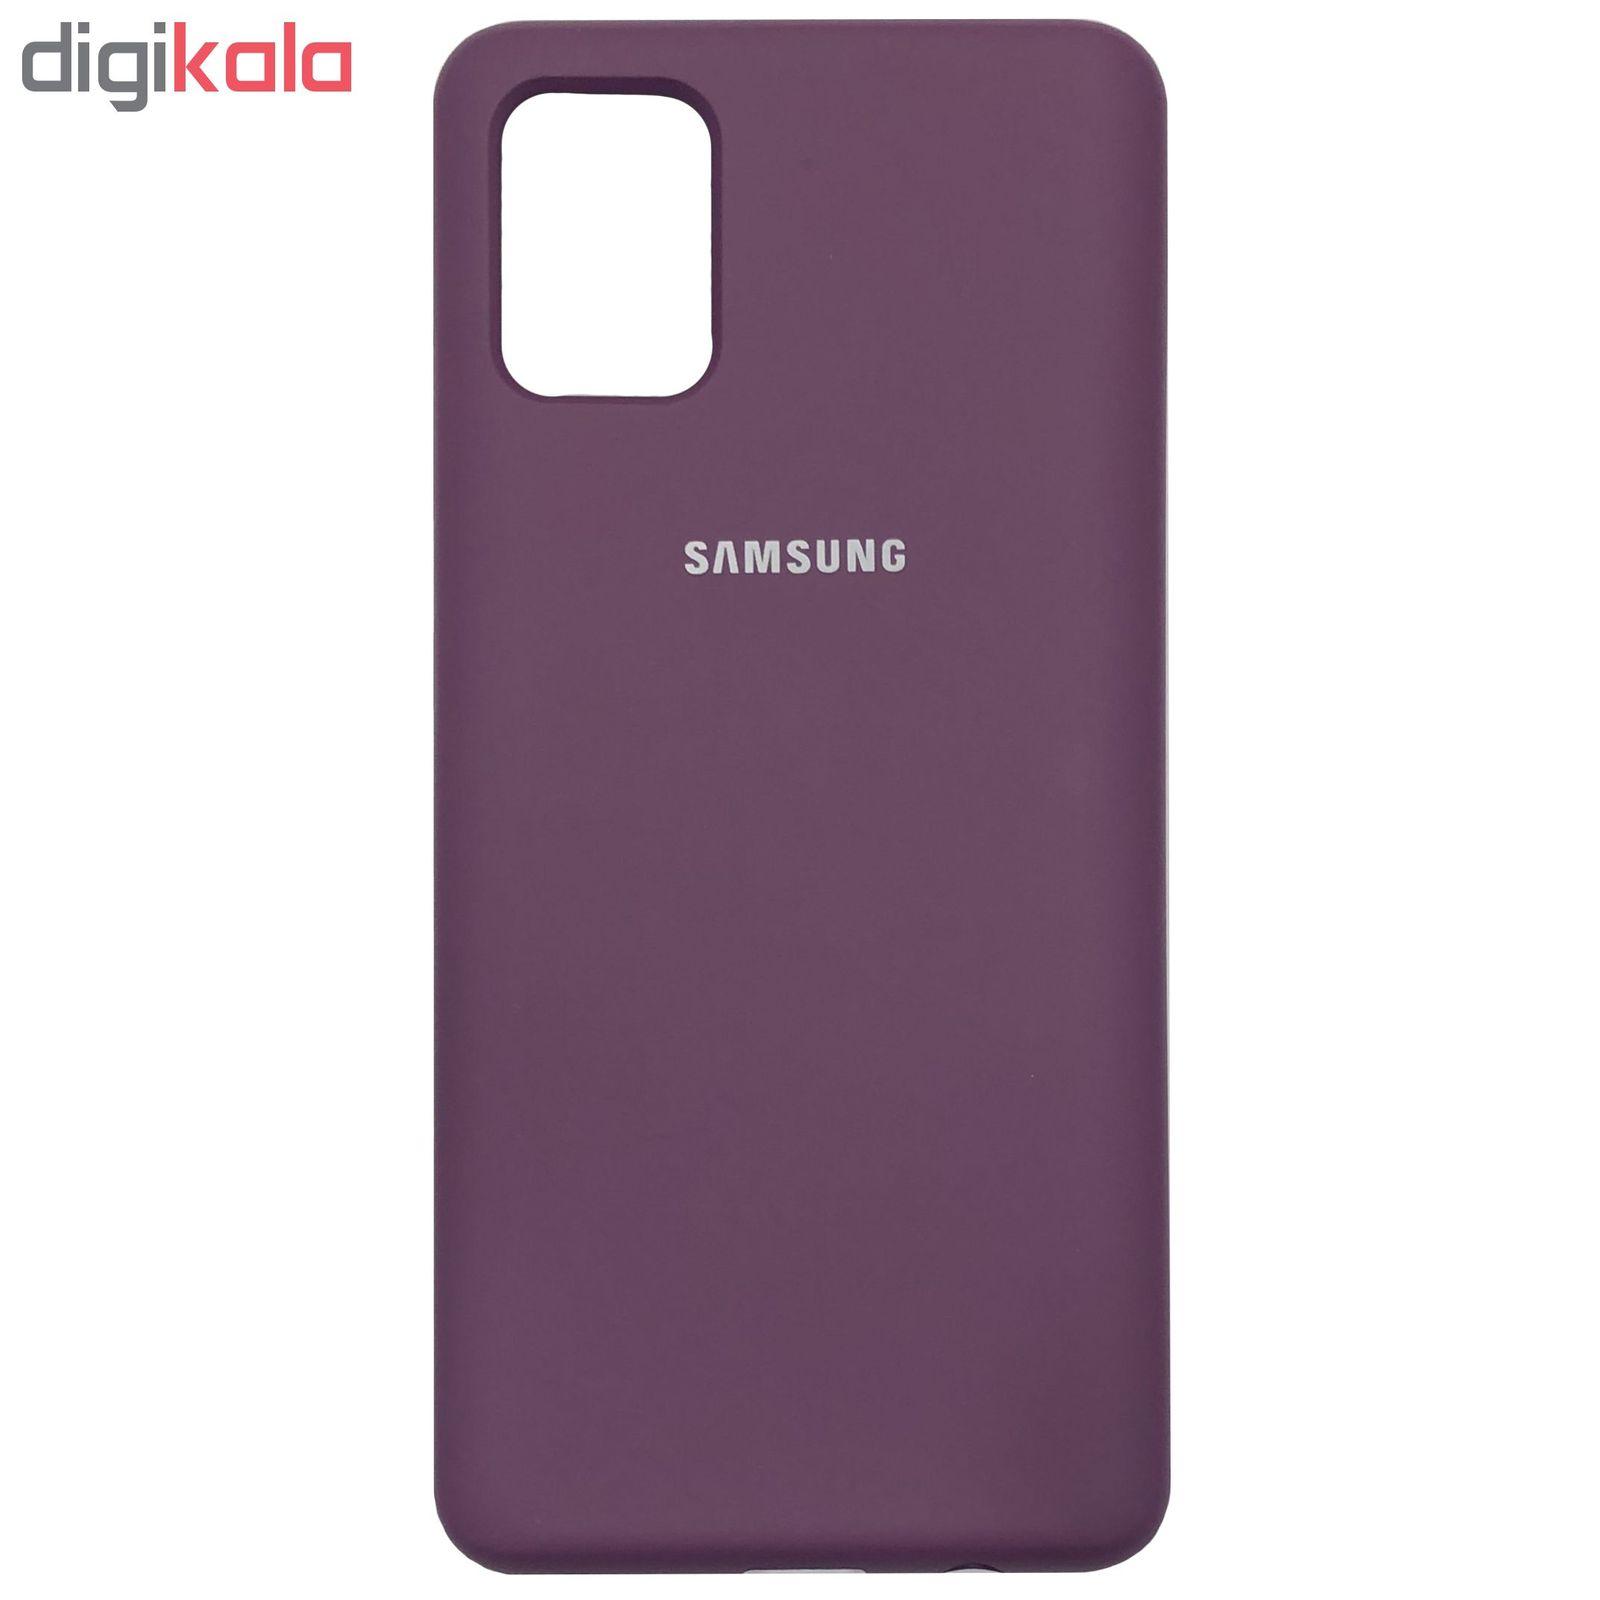 کاور مدل SIL-004 مناسب برای گوشی موبایل سامسونگ Galaxy A71 main 1 1